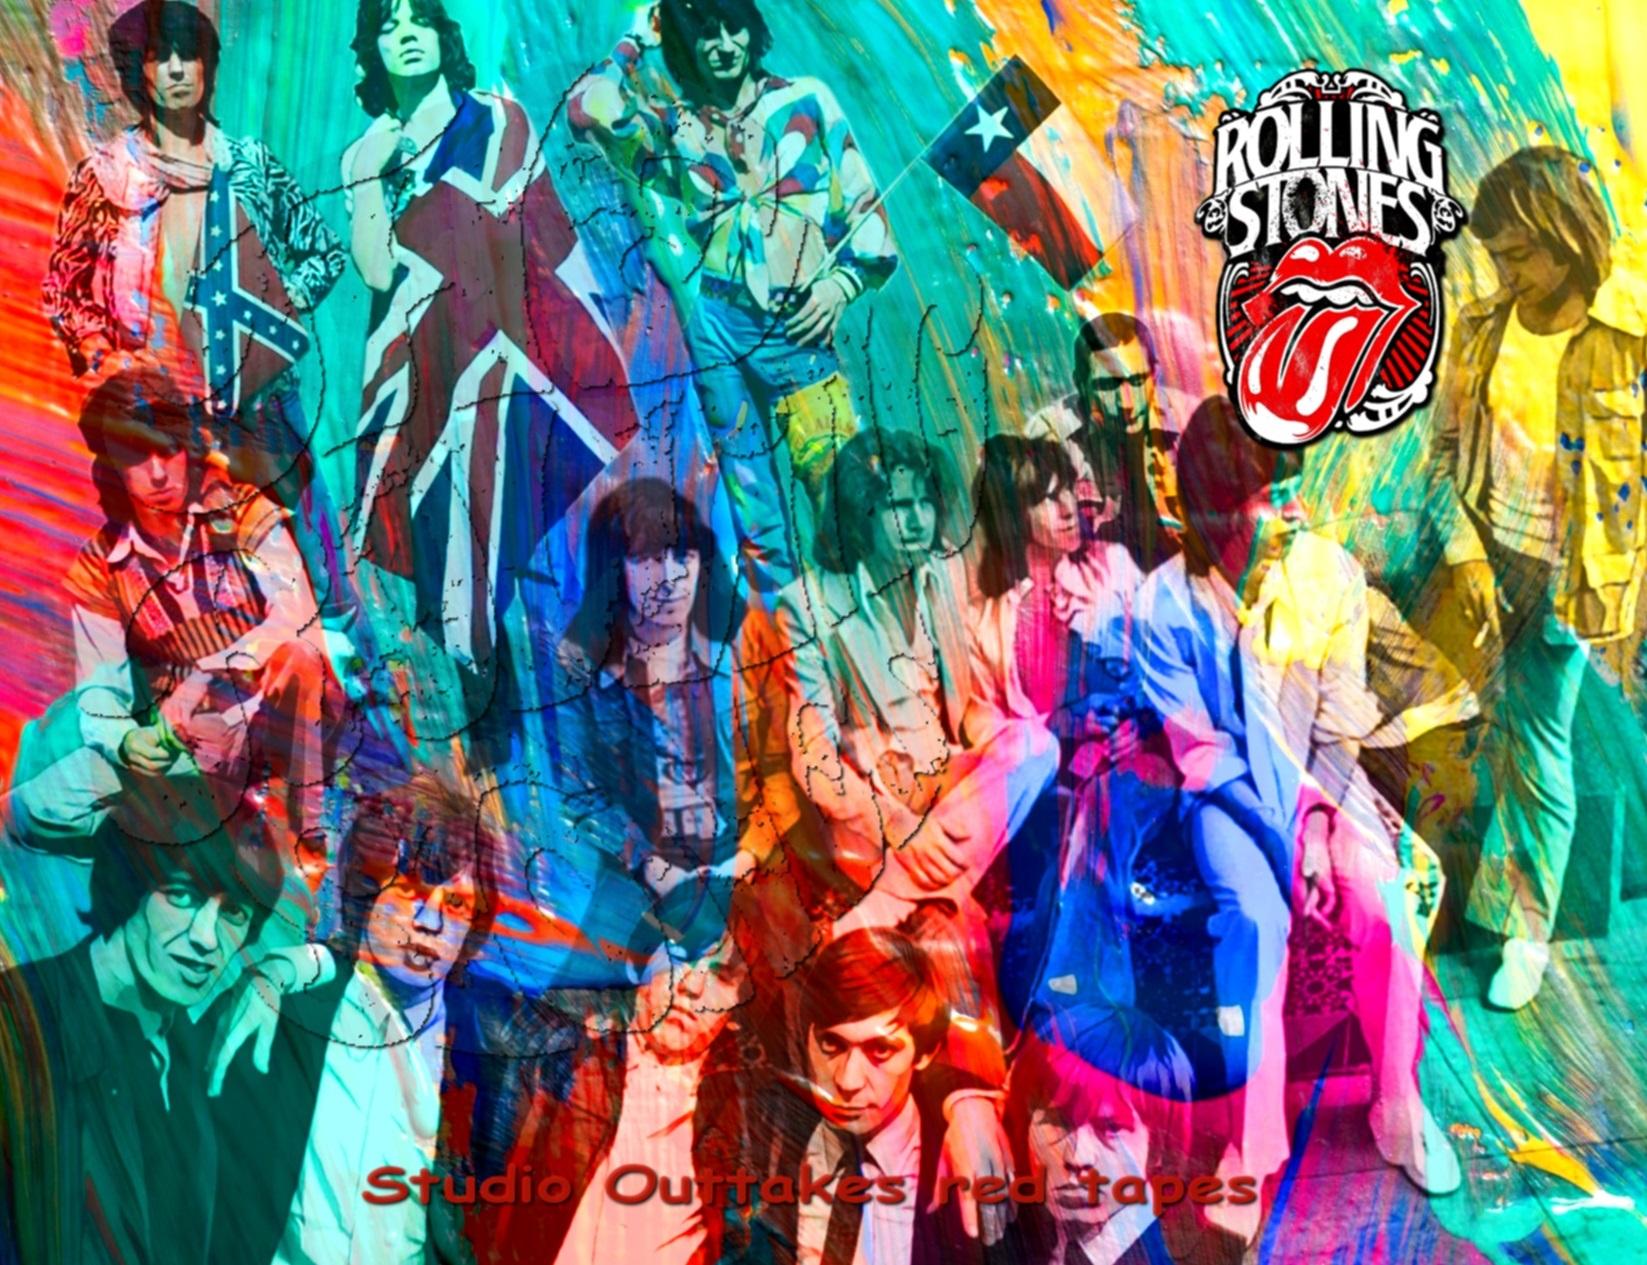 コレクターズCD The Rolling Stones - Studio Outtakes red tapes